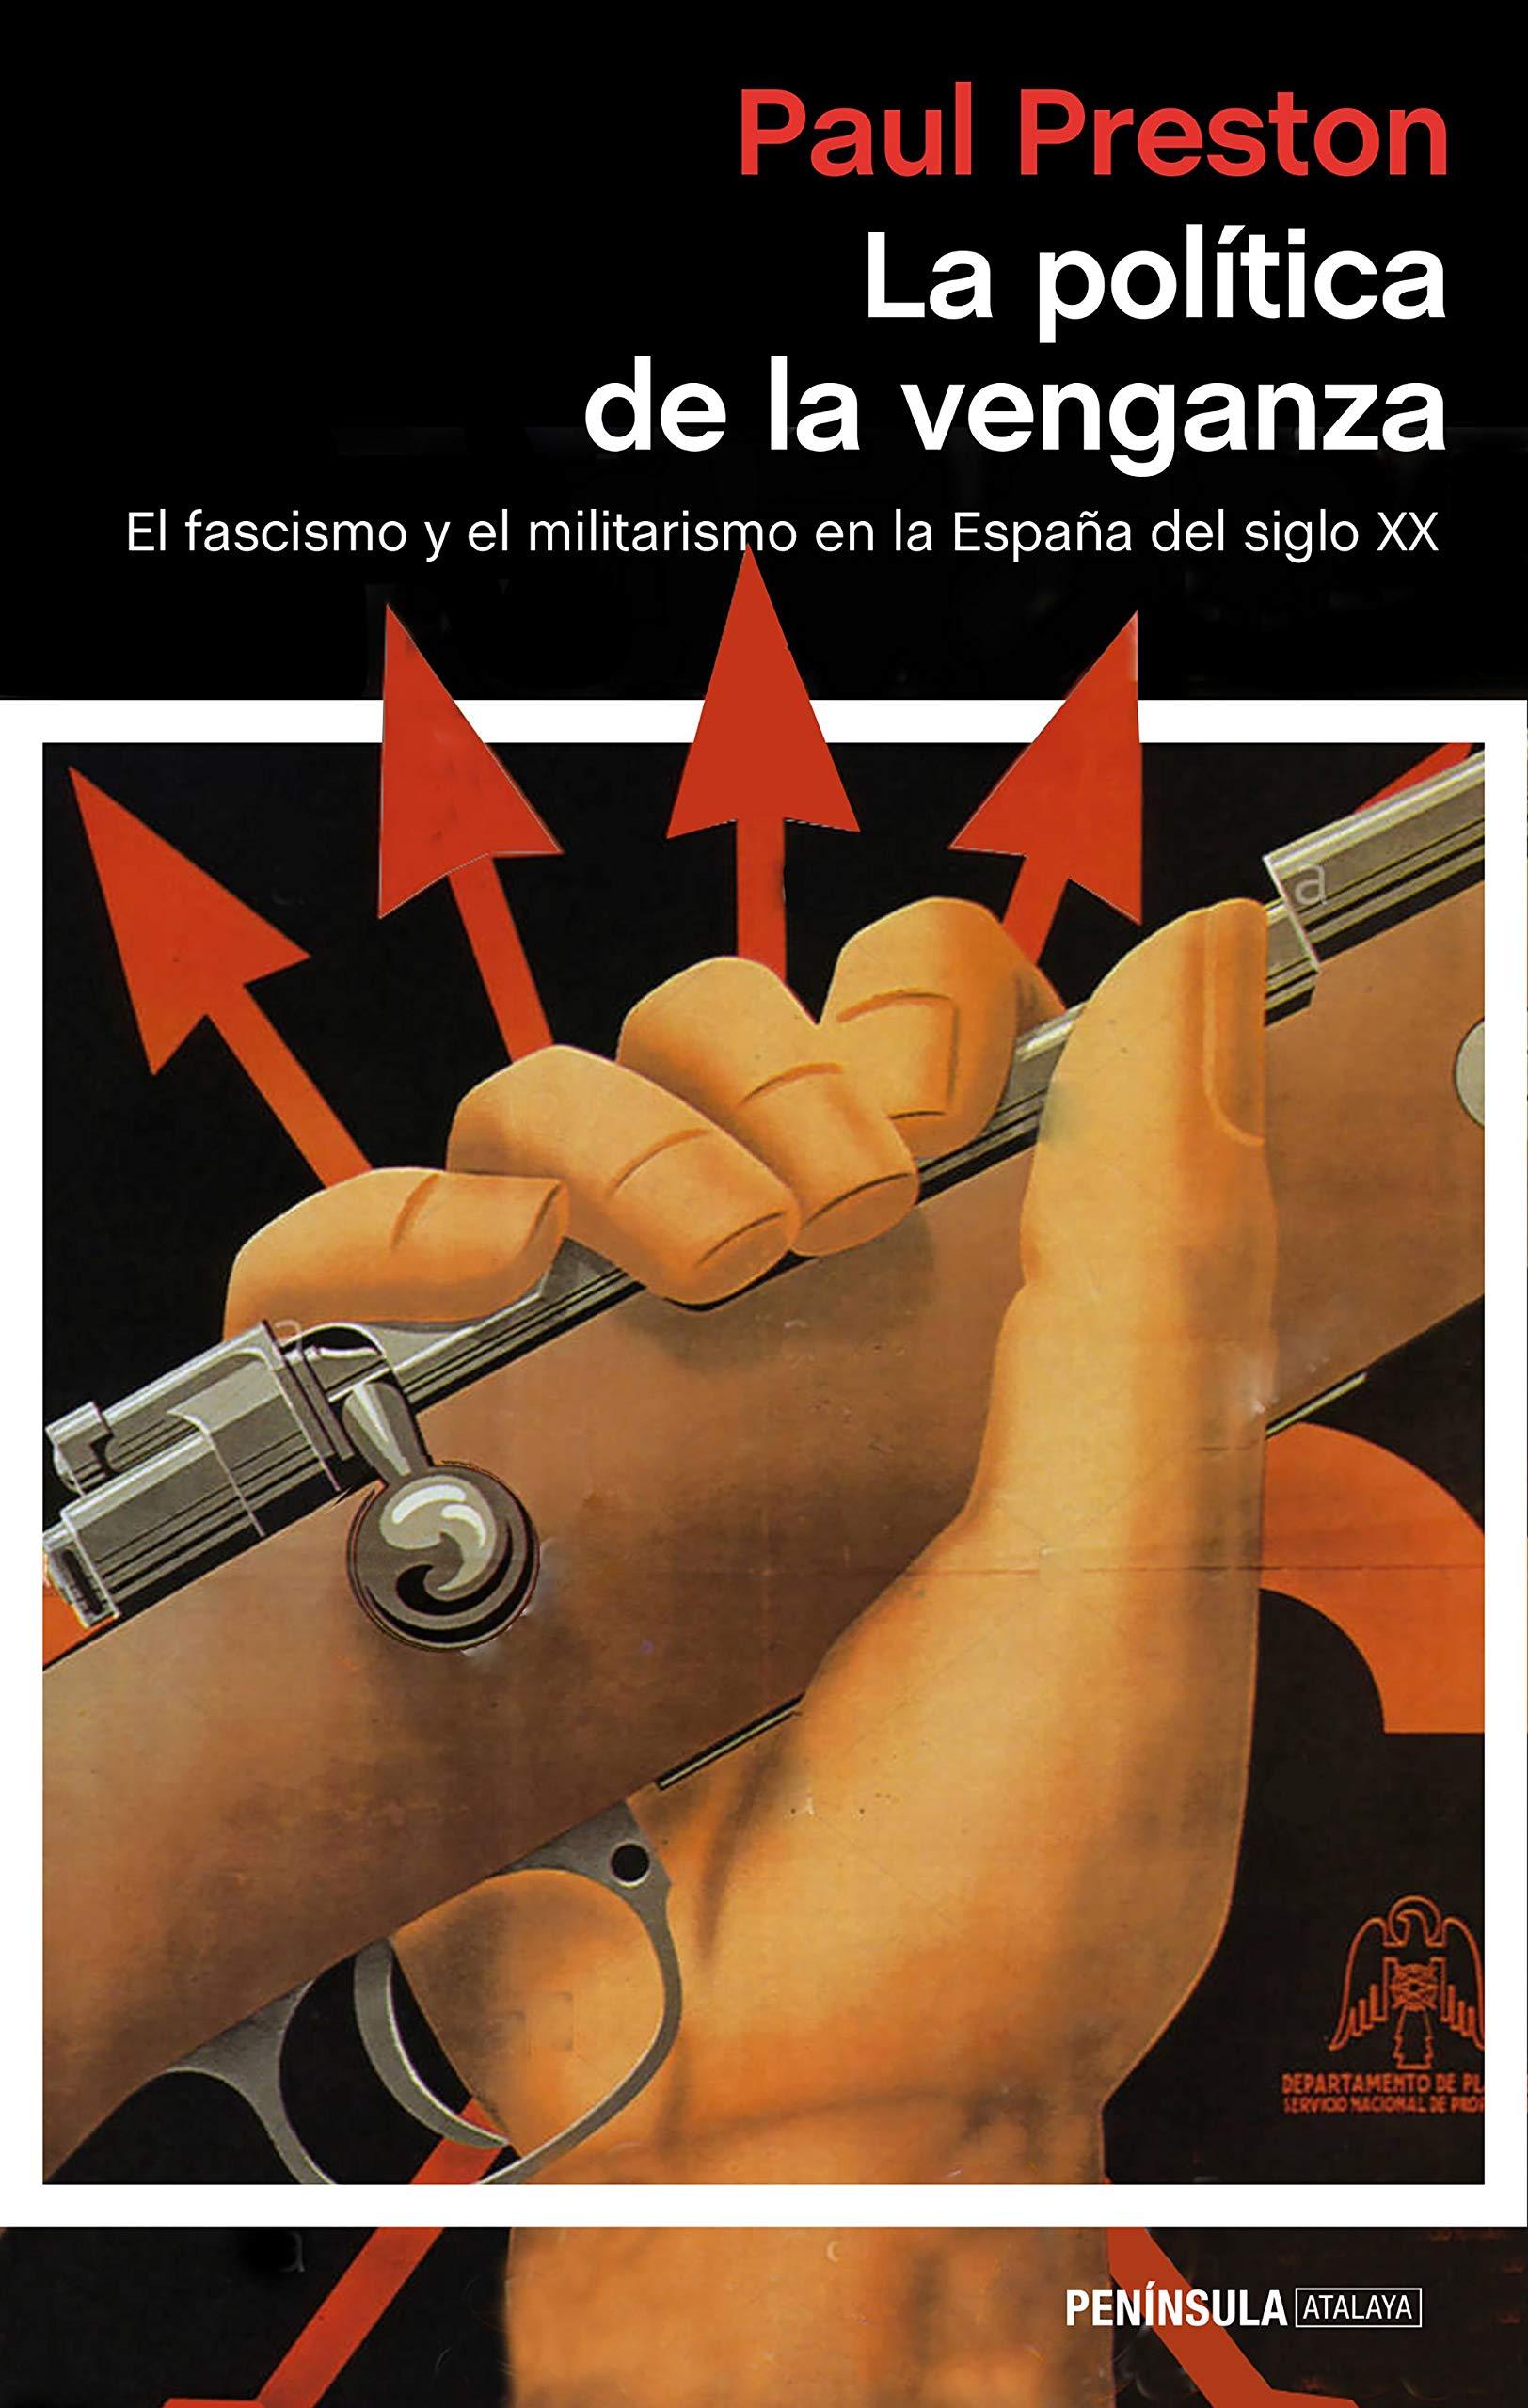 La política de la venganza: El fascismo y el militarismo en la España del siglo XX ATALAYA: Amazon.es: Preston, Paul, Manzano de Frutos, Carlos: Libros